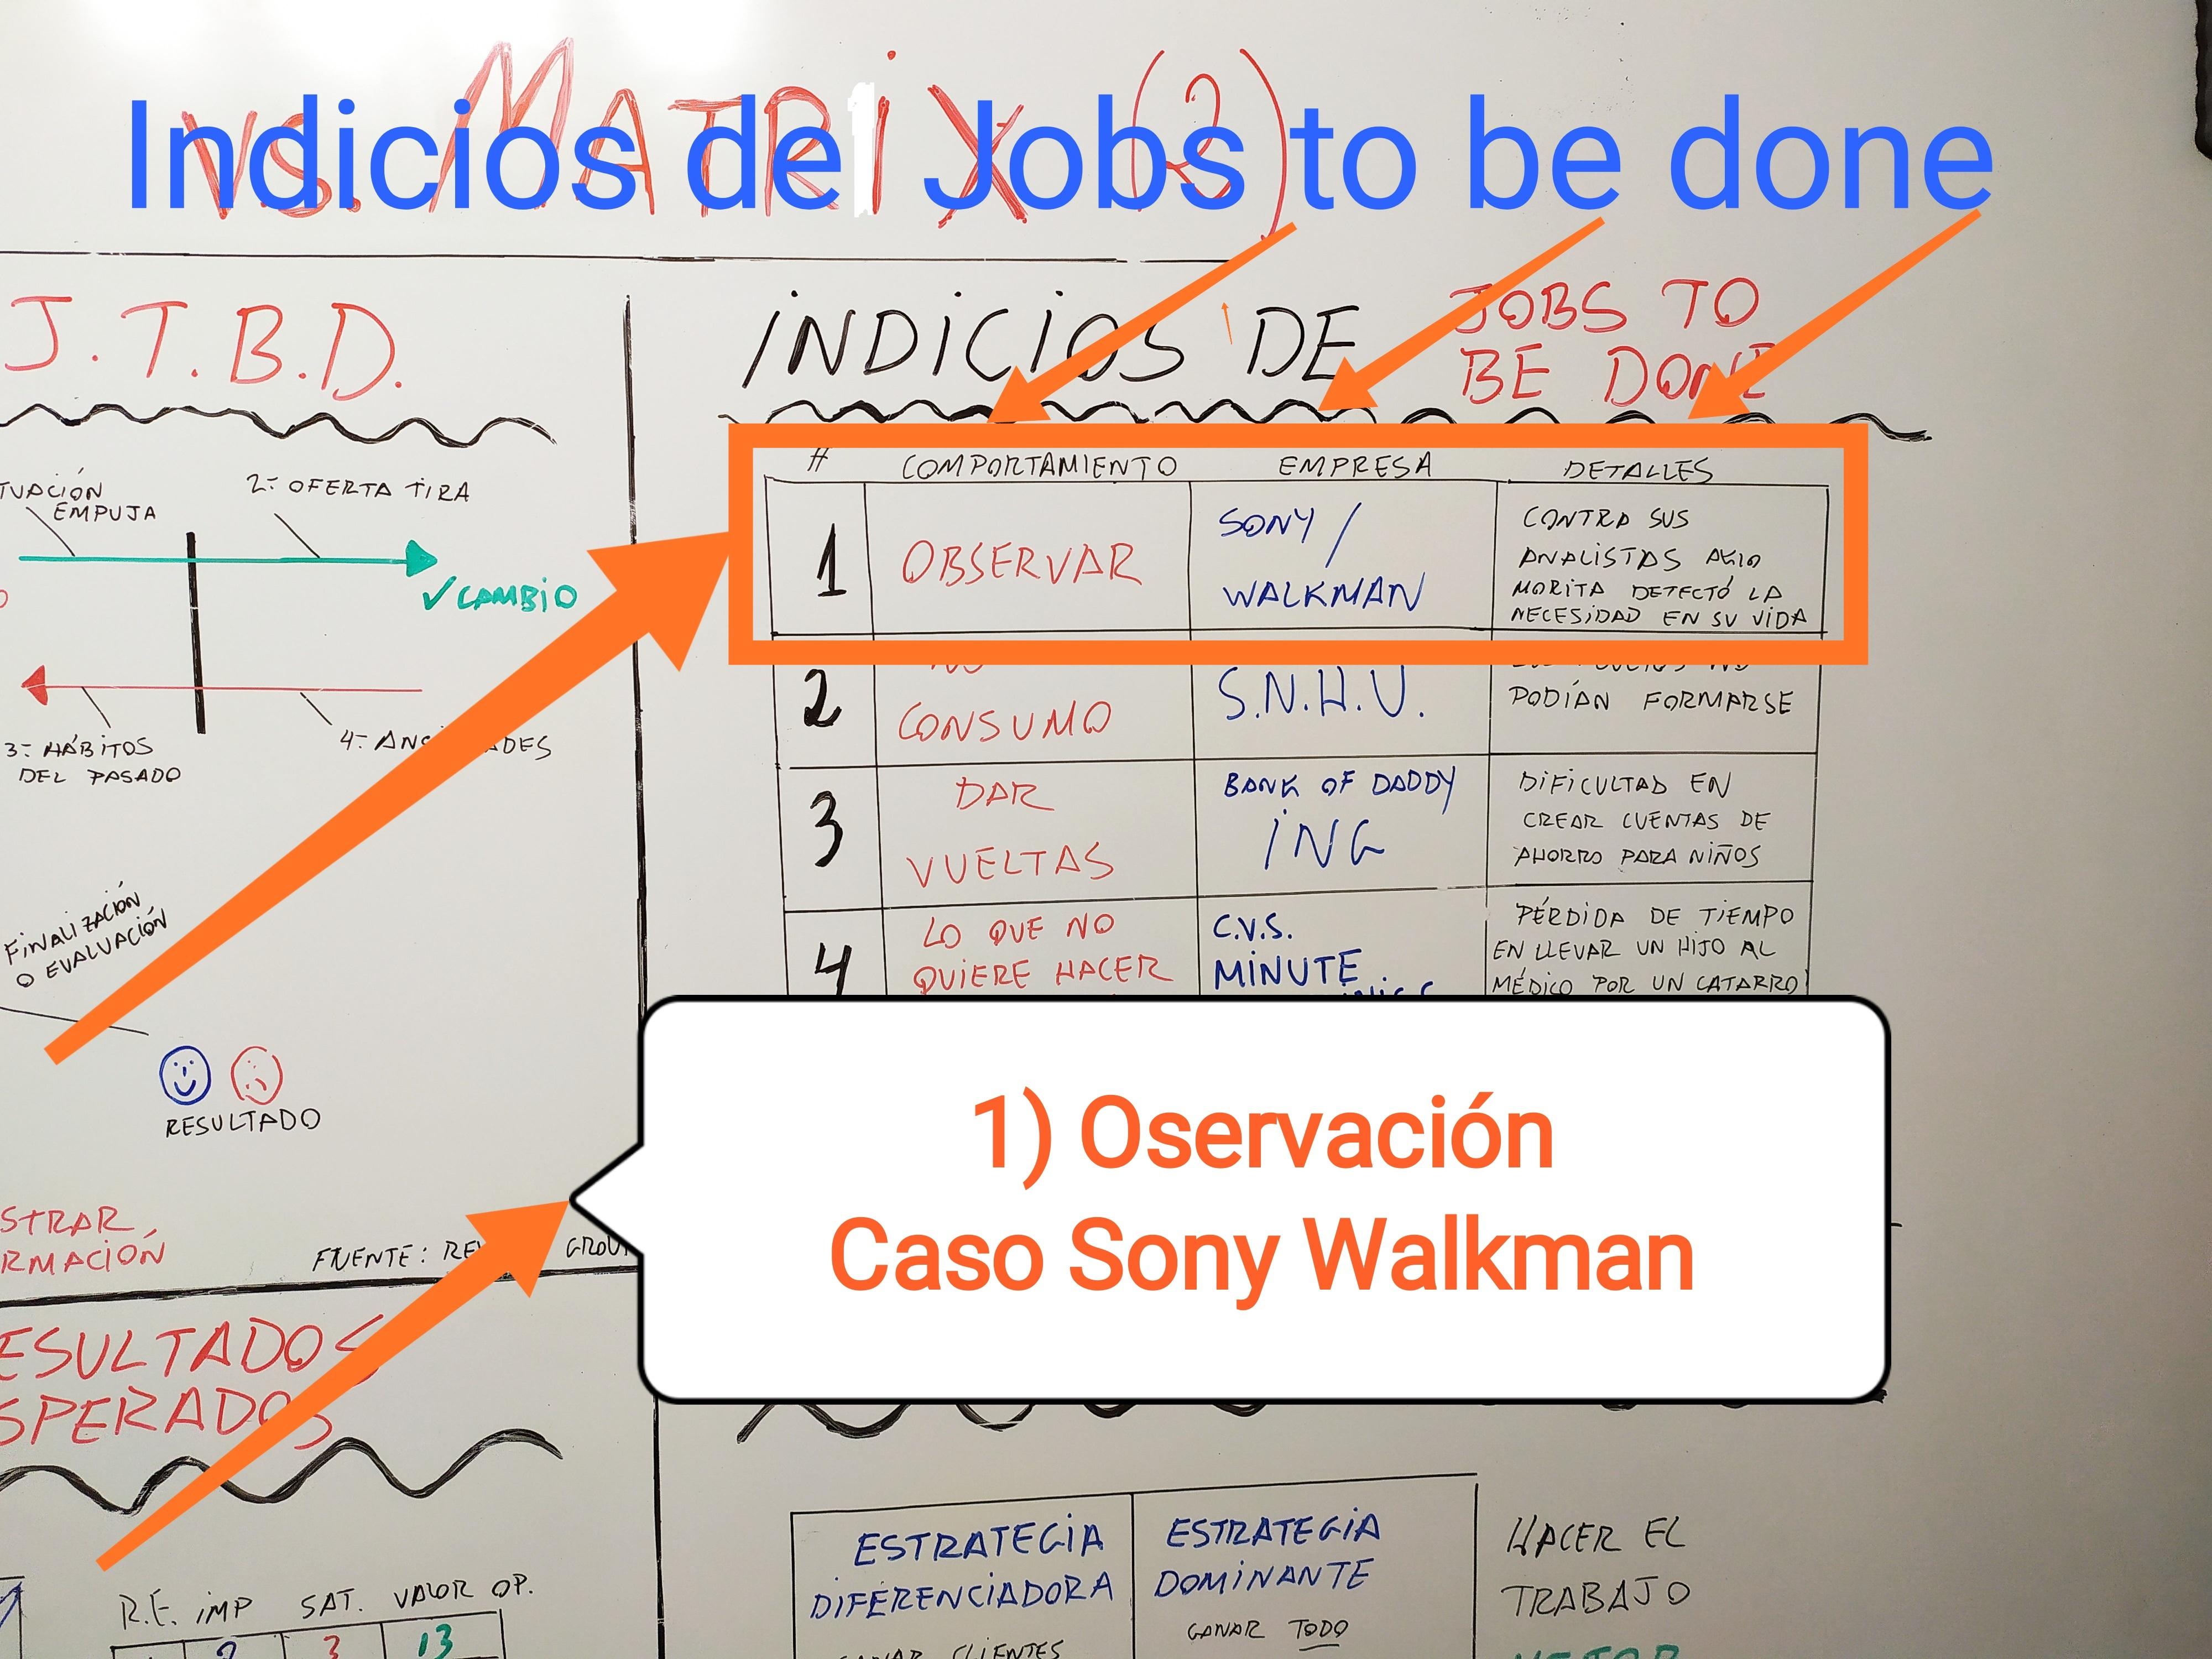 Indicios de Jobs to be done: 1) Observación.